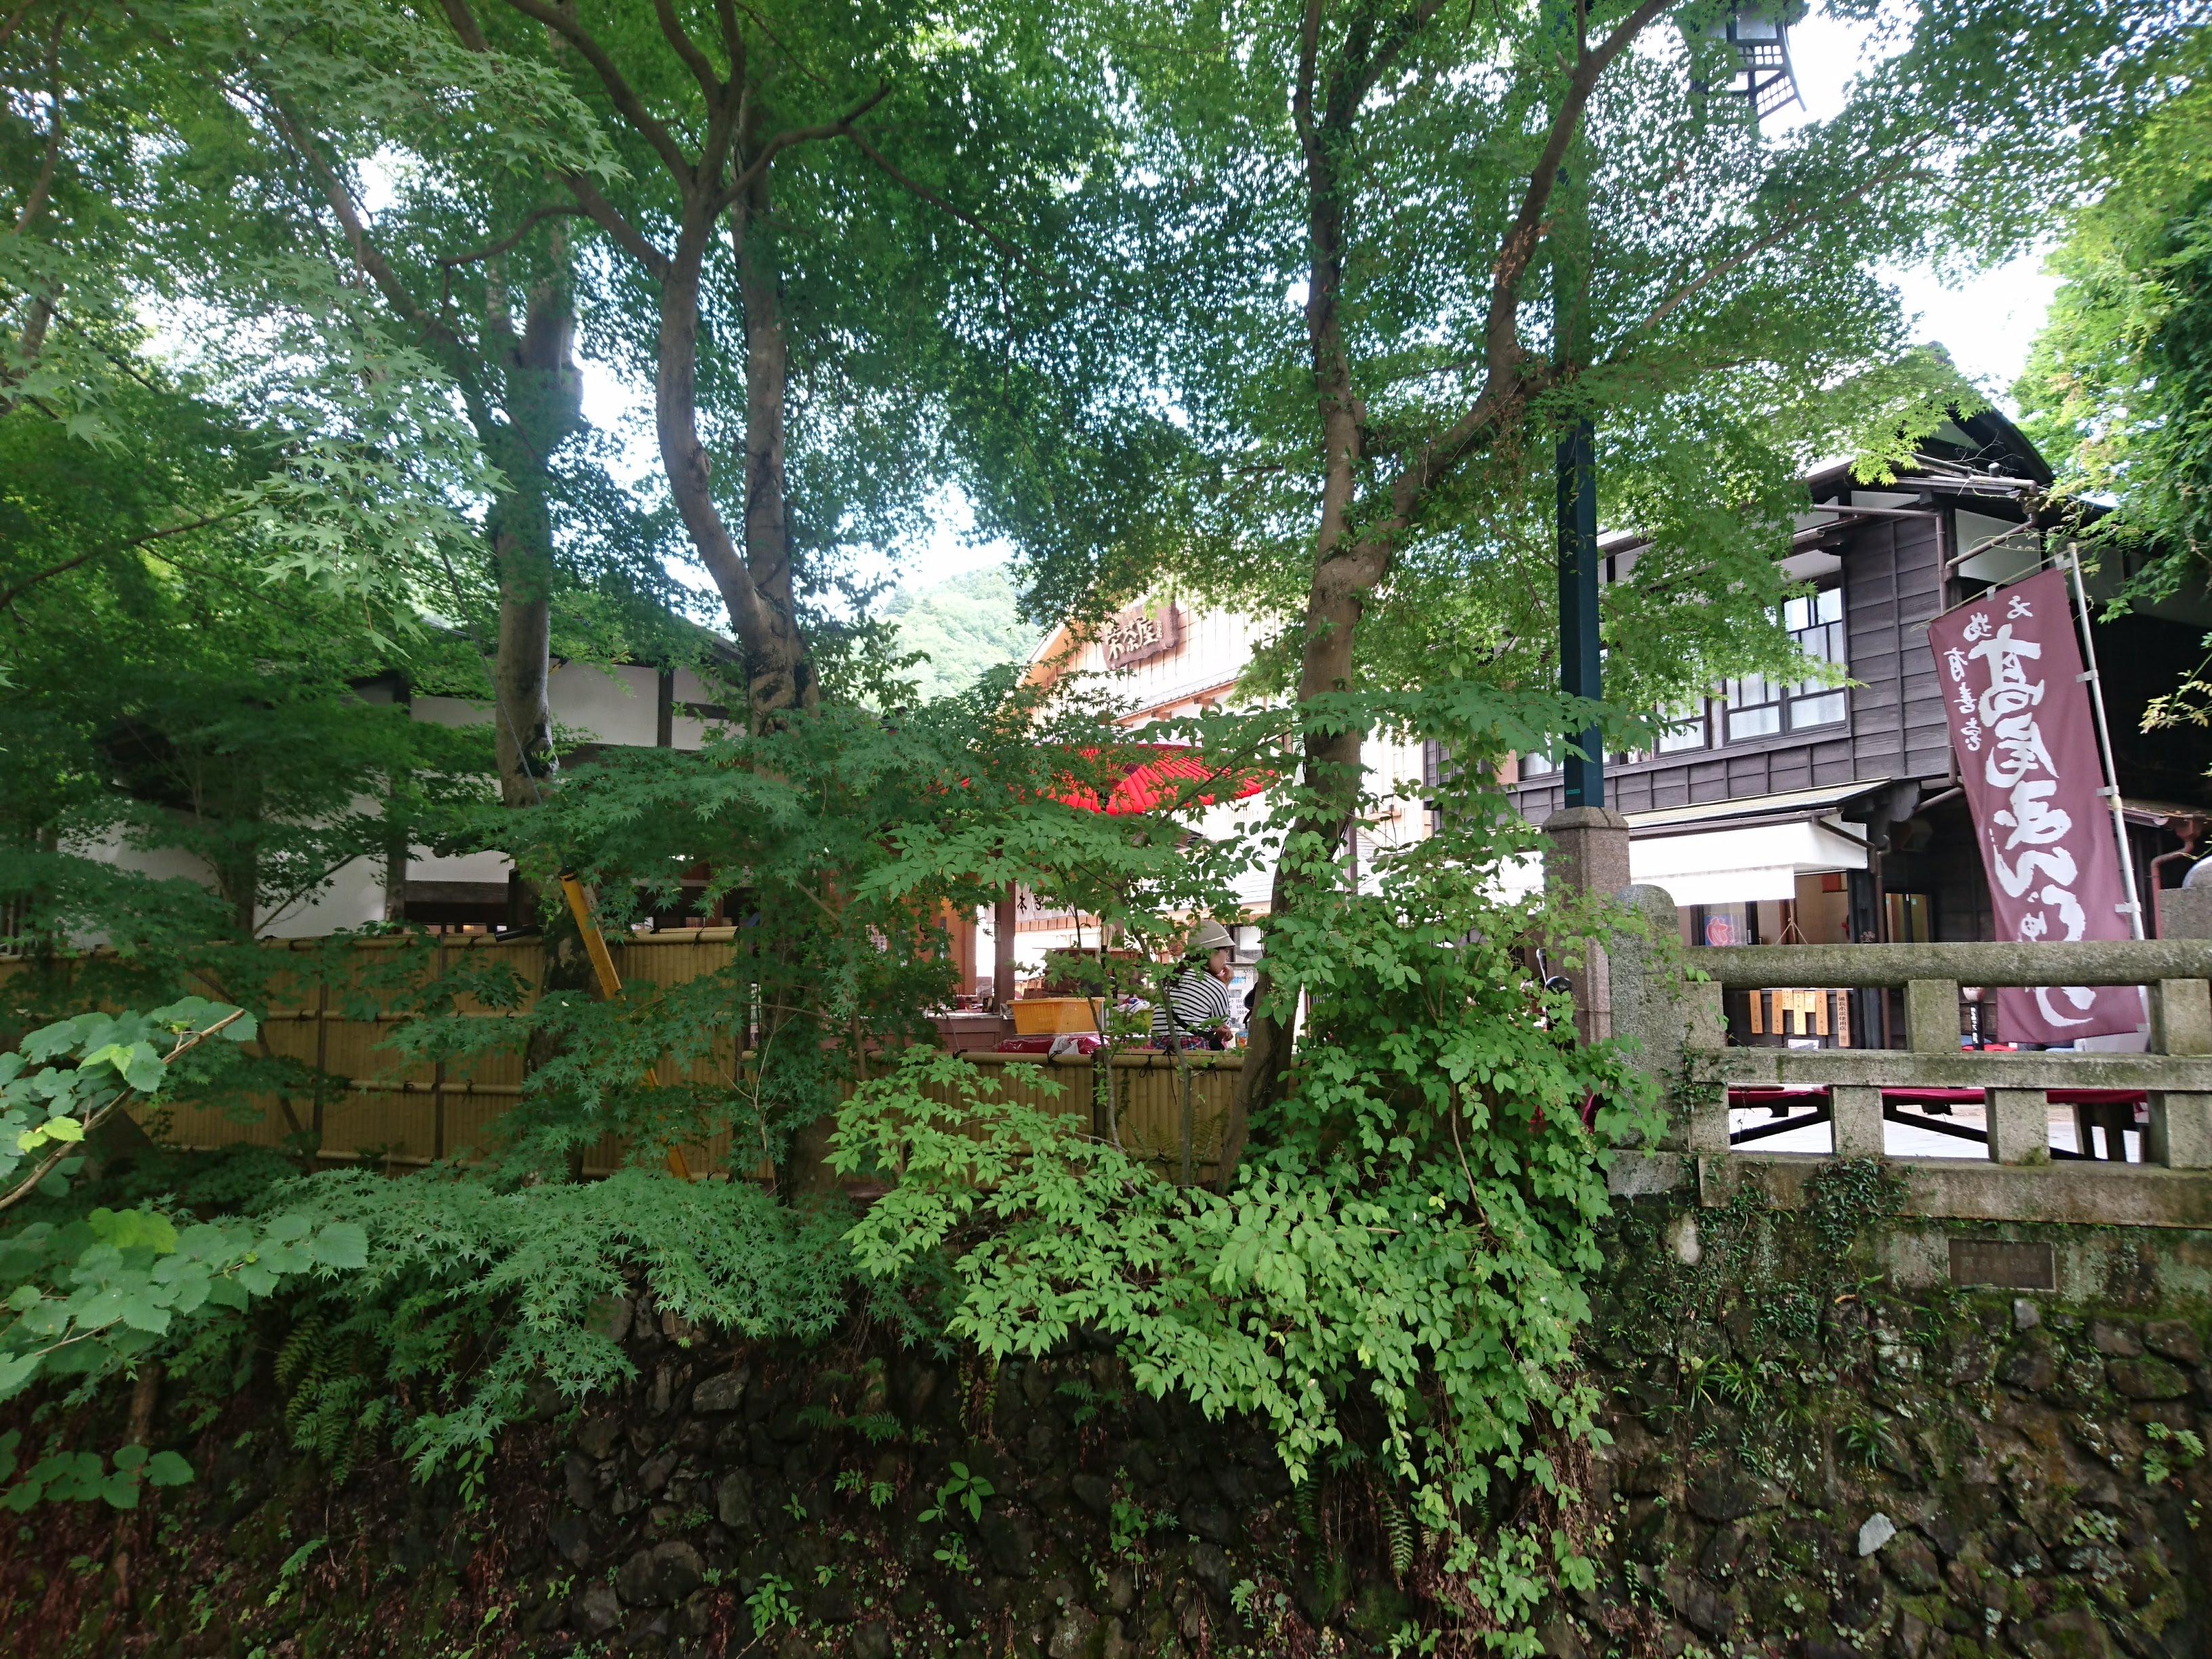 京王線「高尾山口」お土産屋のある景色